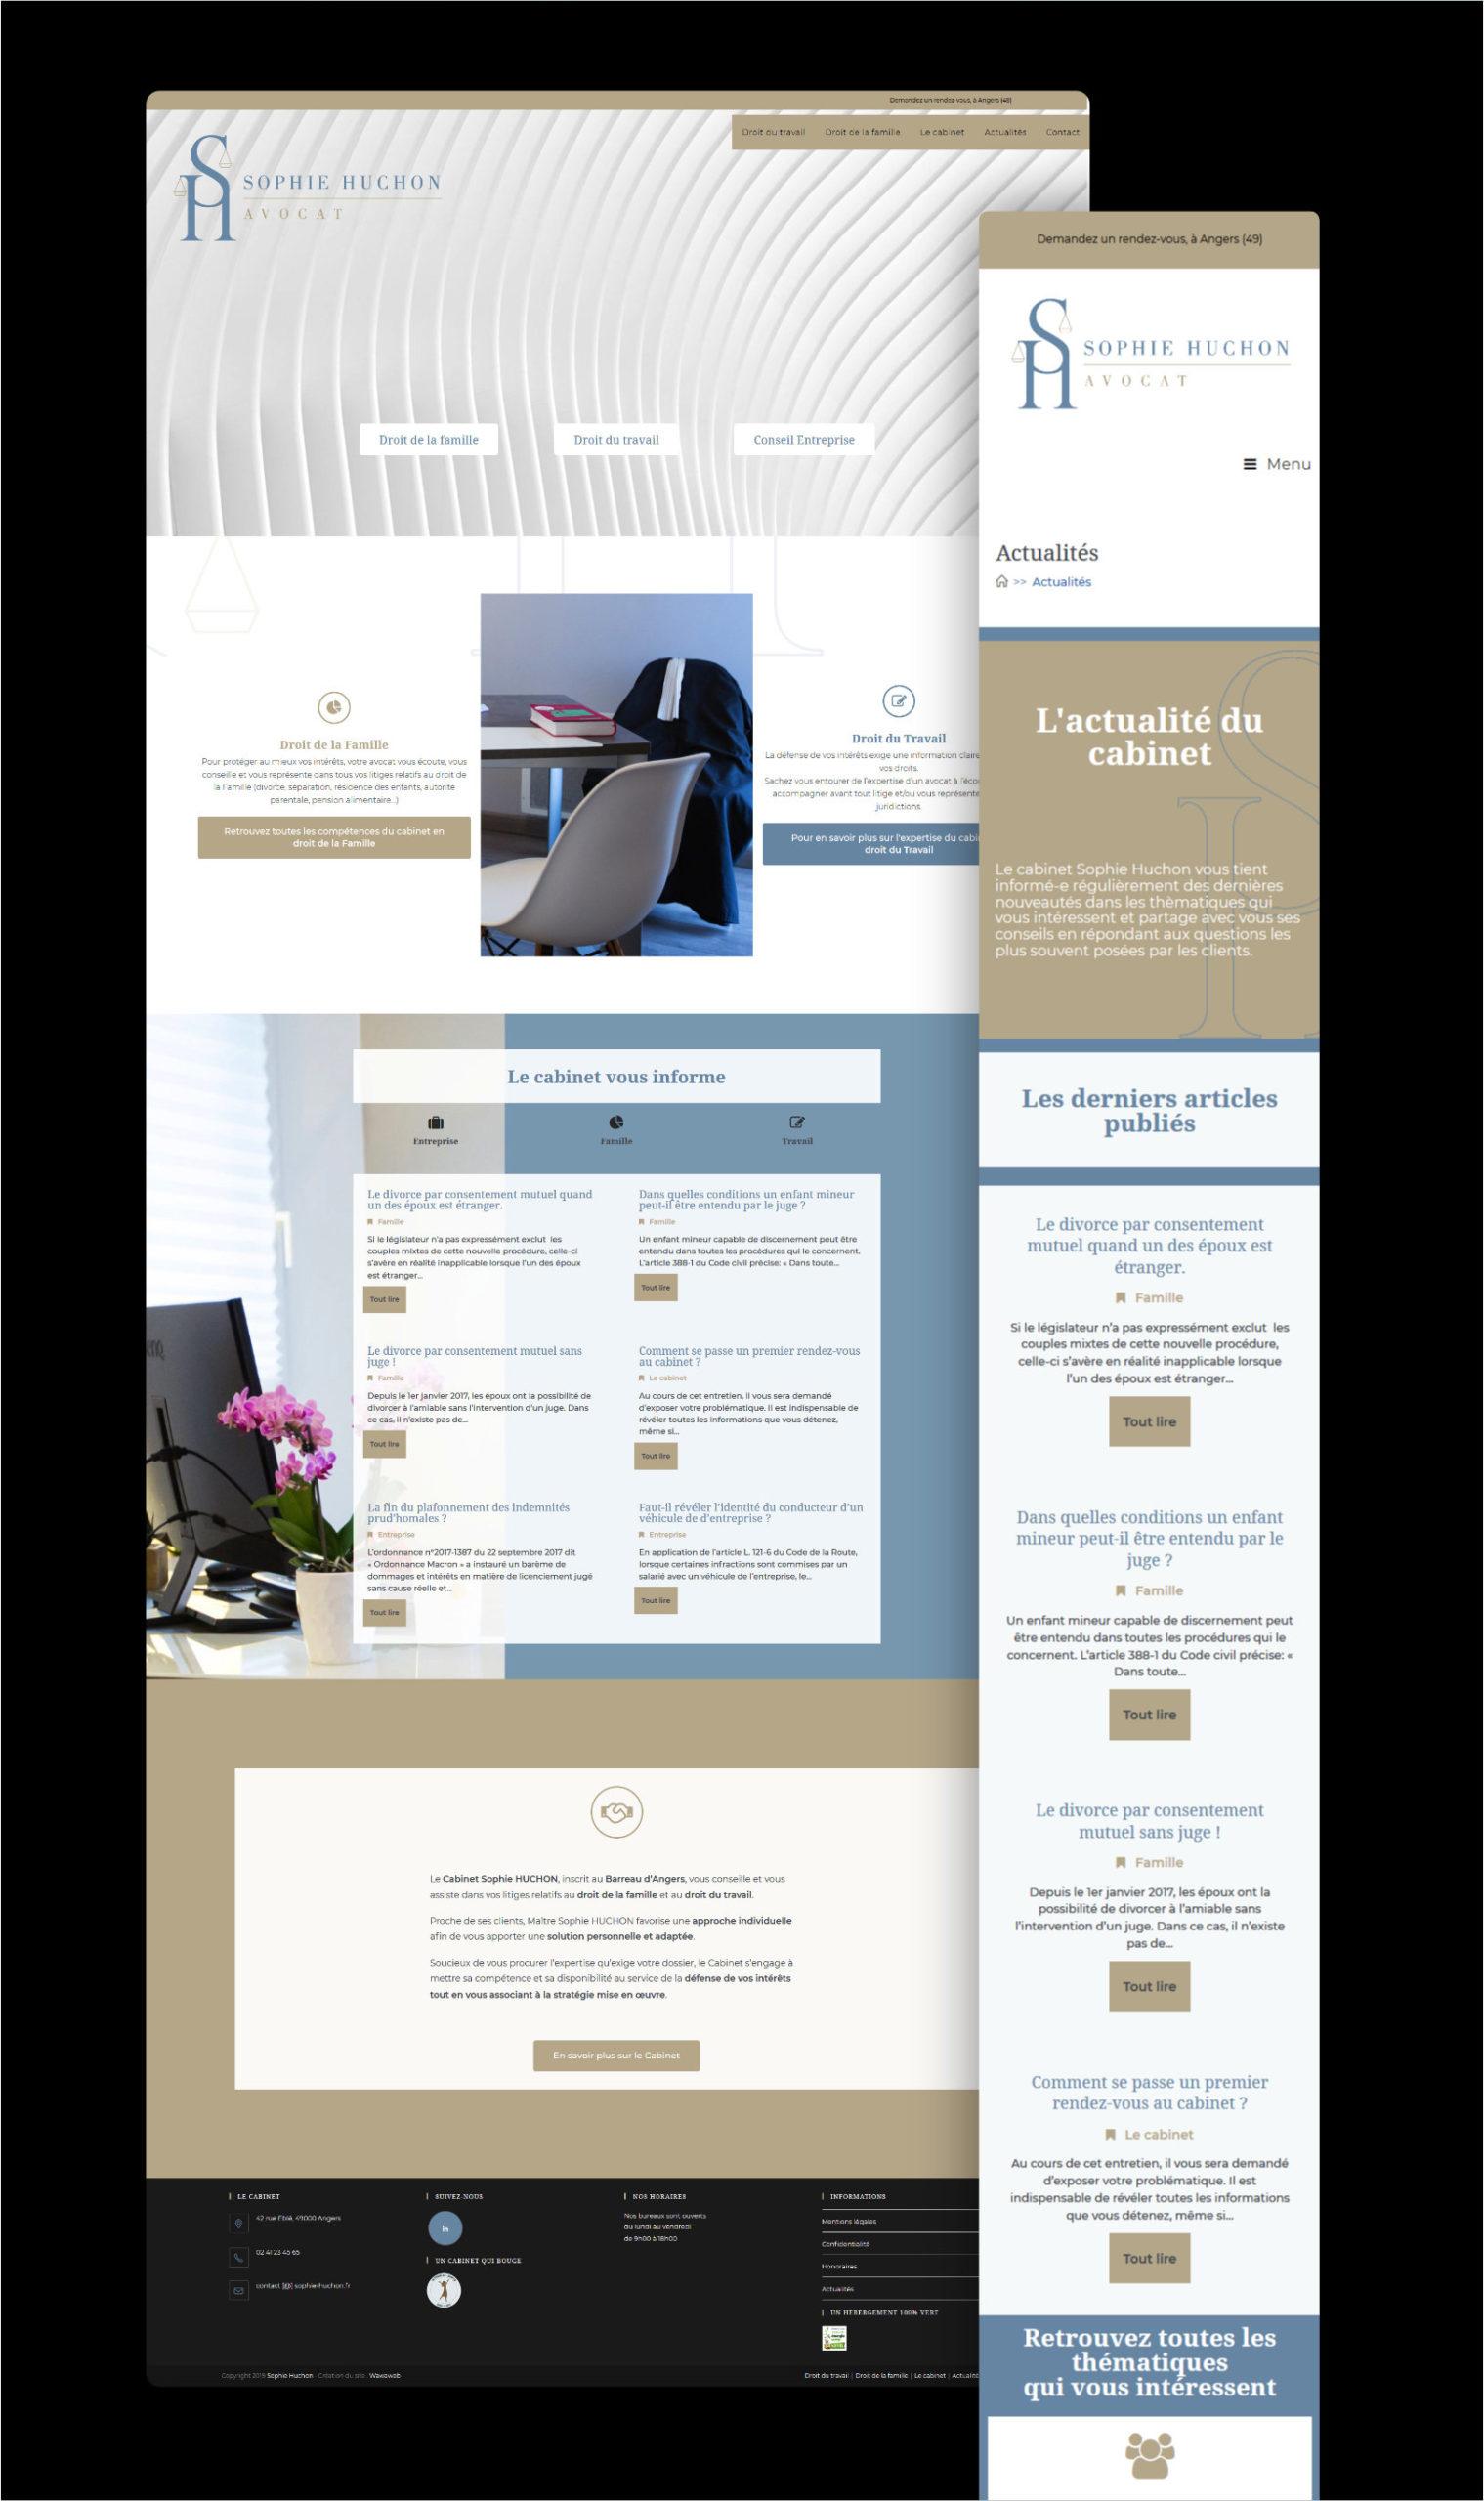 Visibilité web pour le Cabinet Sophie Huchon